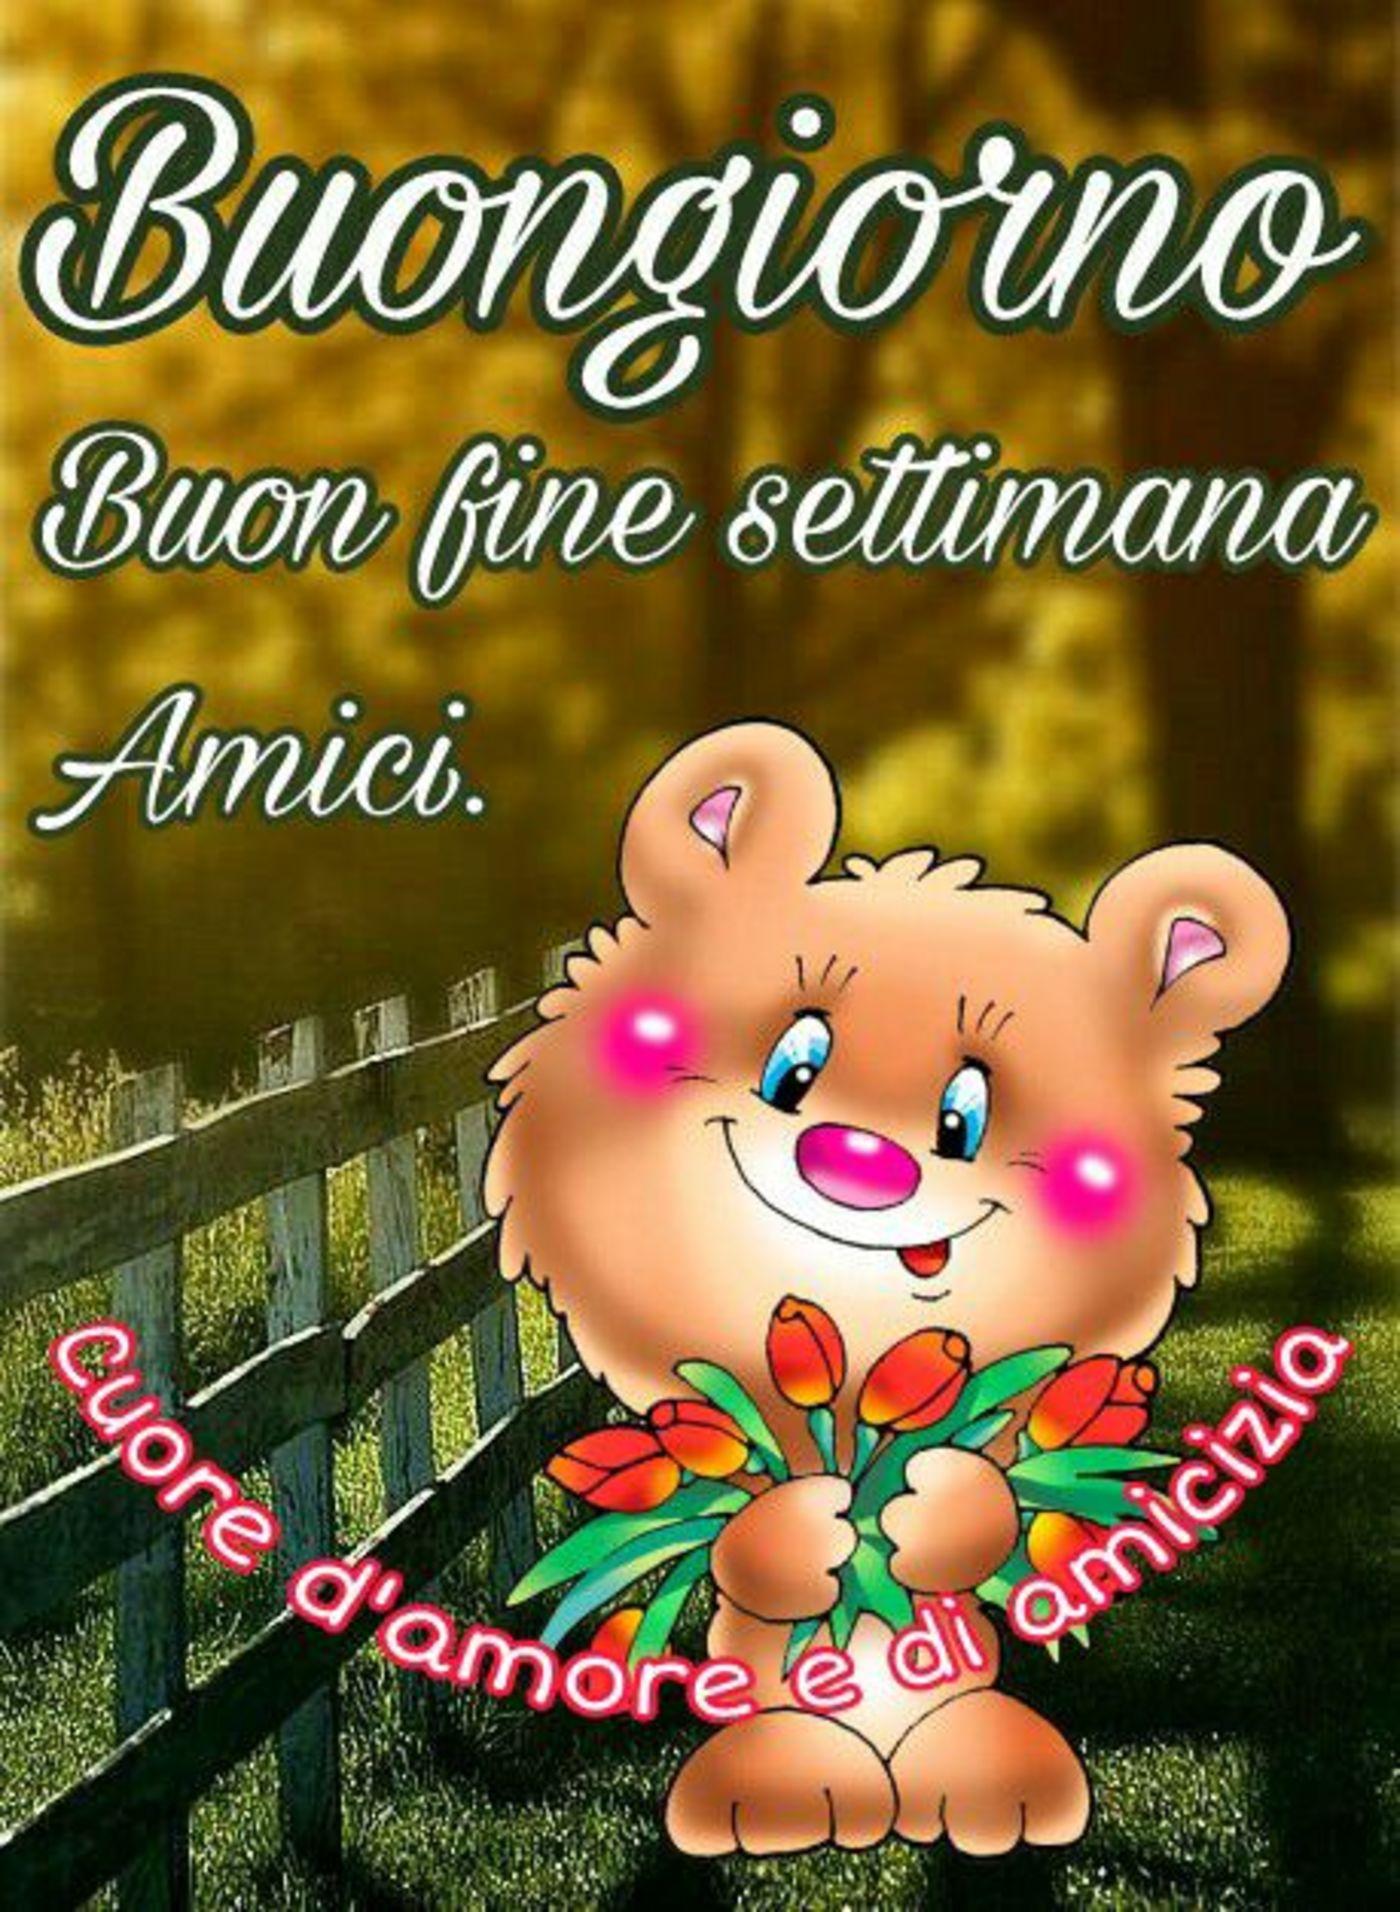 Buongiorno Buon Fine Settimana Amici Buongiornissimocaffe It